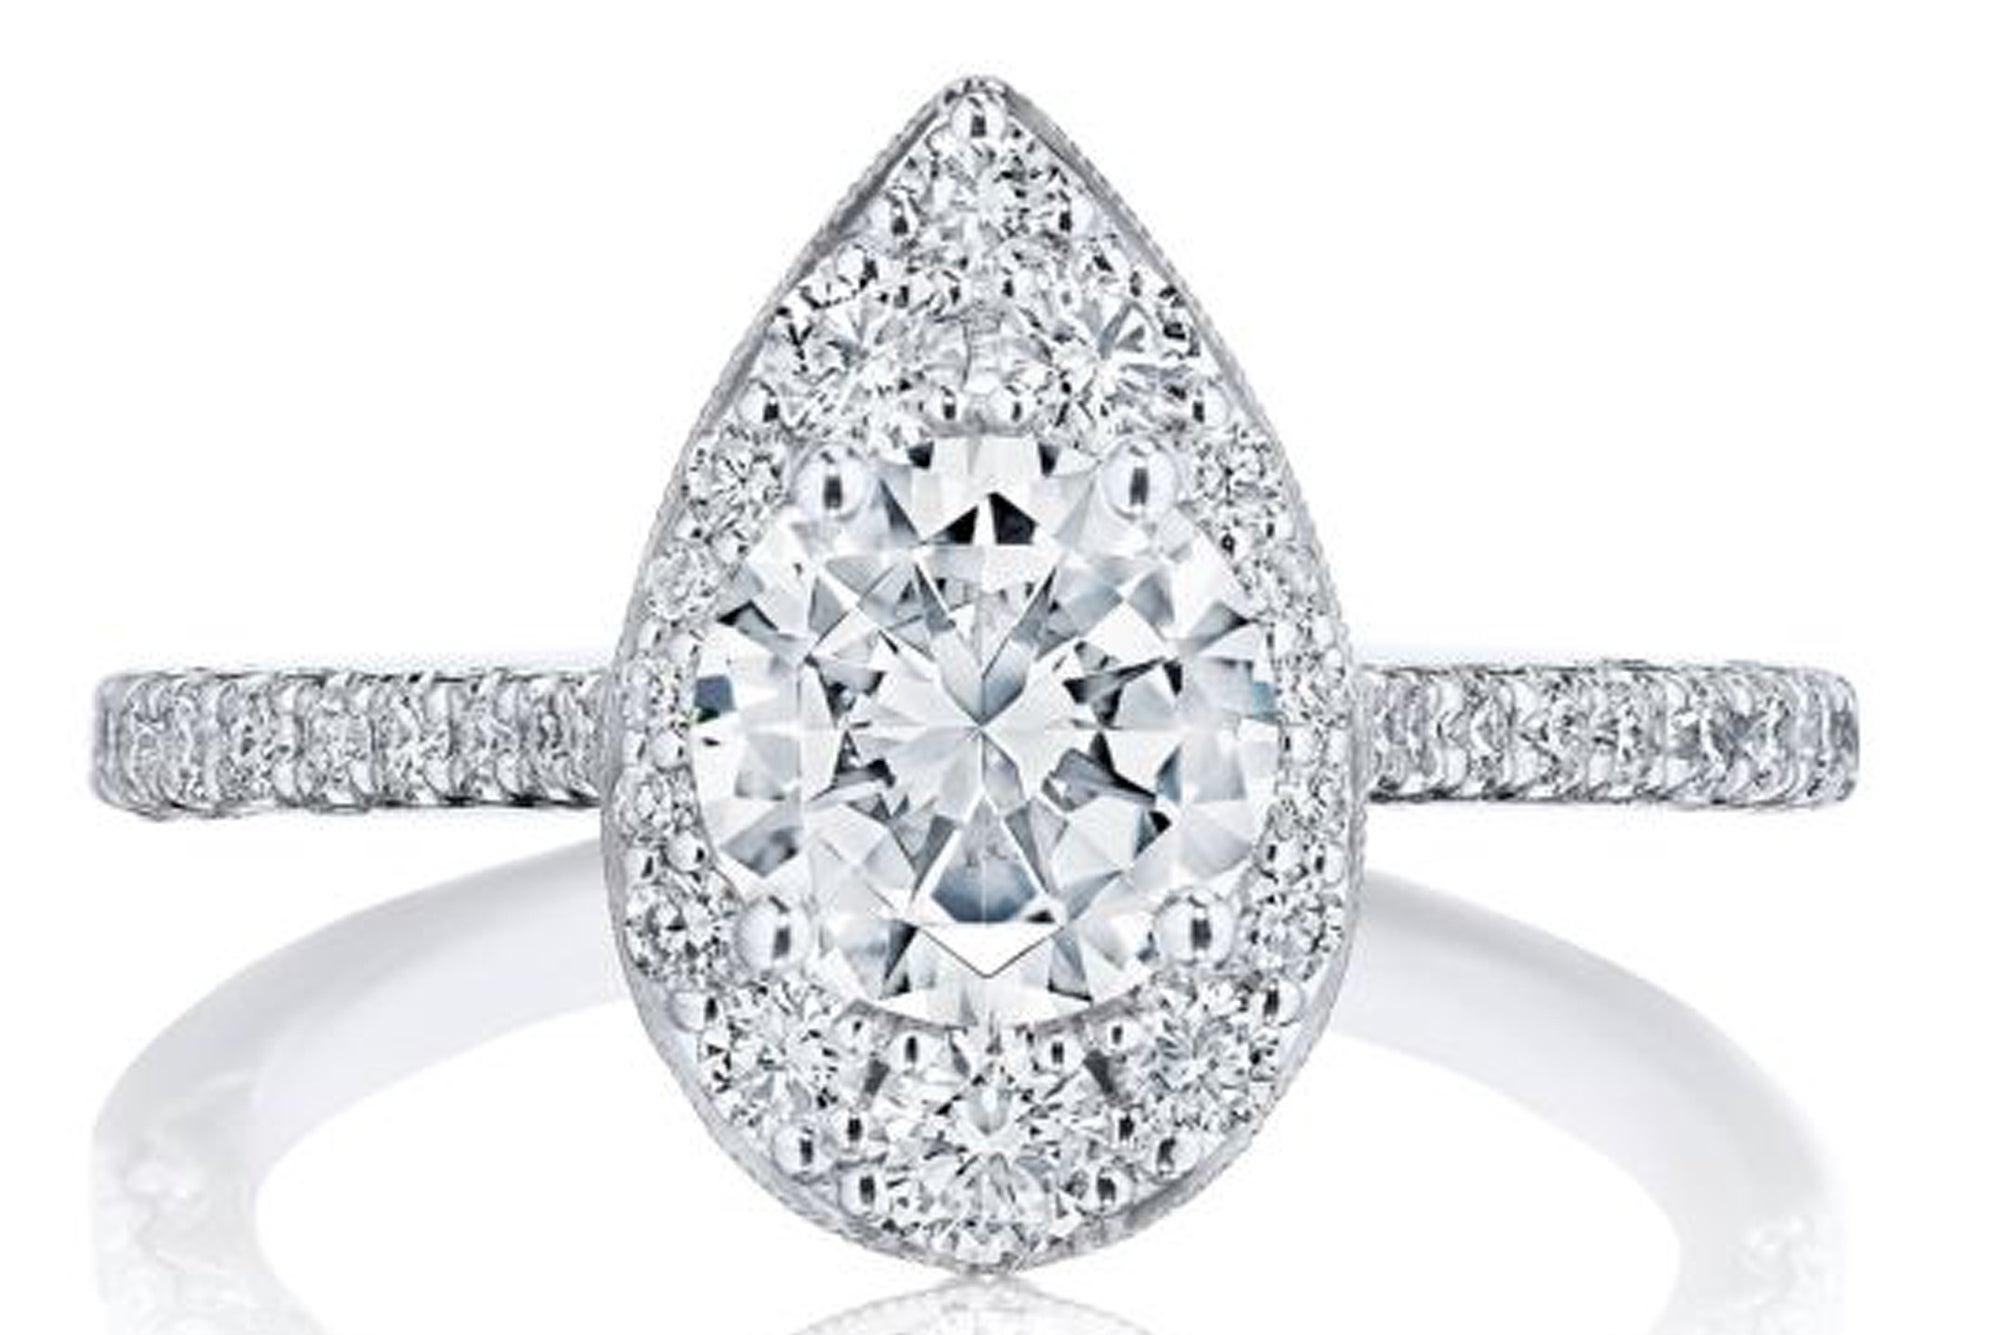 Tacori Inflori Engagement Ring